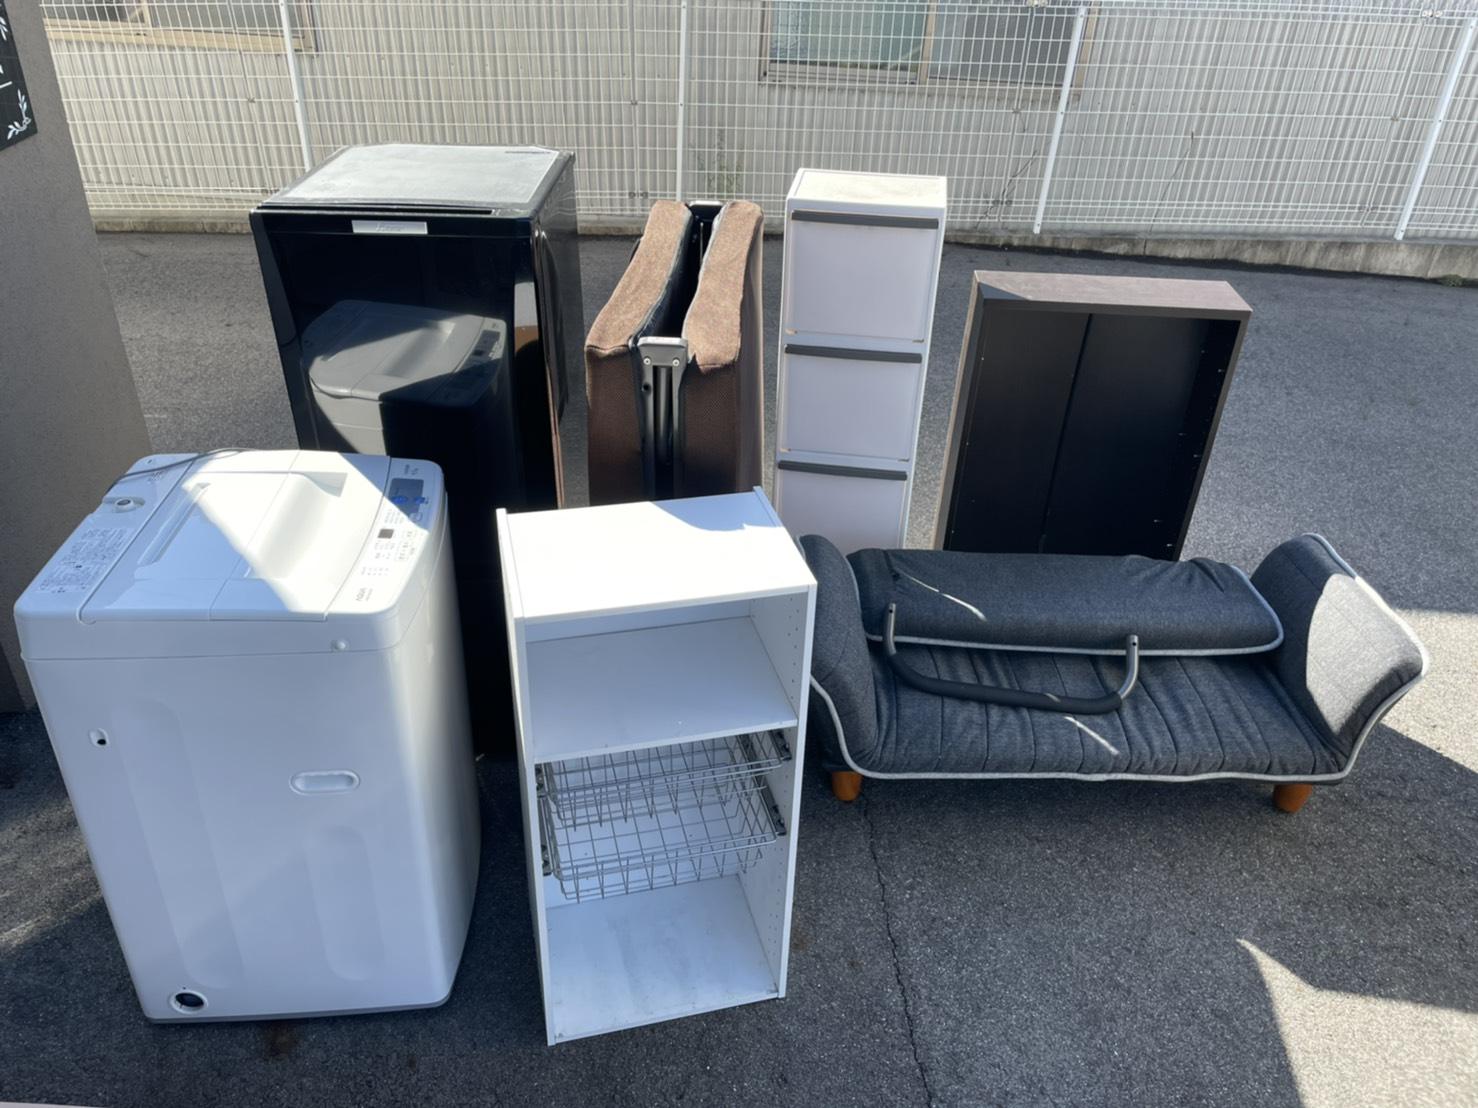 冷蔵庫、洗濯機、ベッド、カラーボックス、ソファの回収前